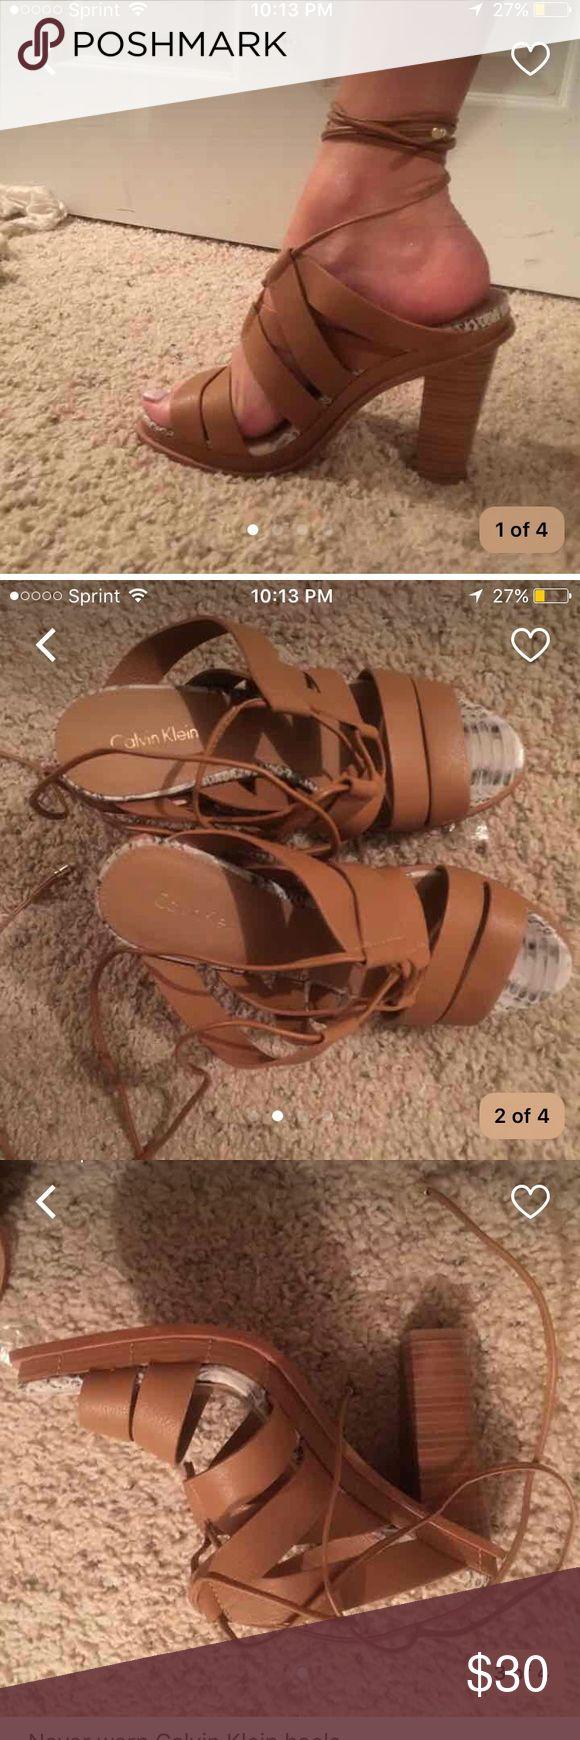 NEW Calvin Klein heels Brand new. Size 9 Calvin Klein Shoes Heels